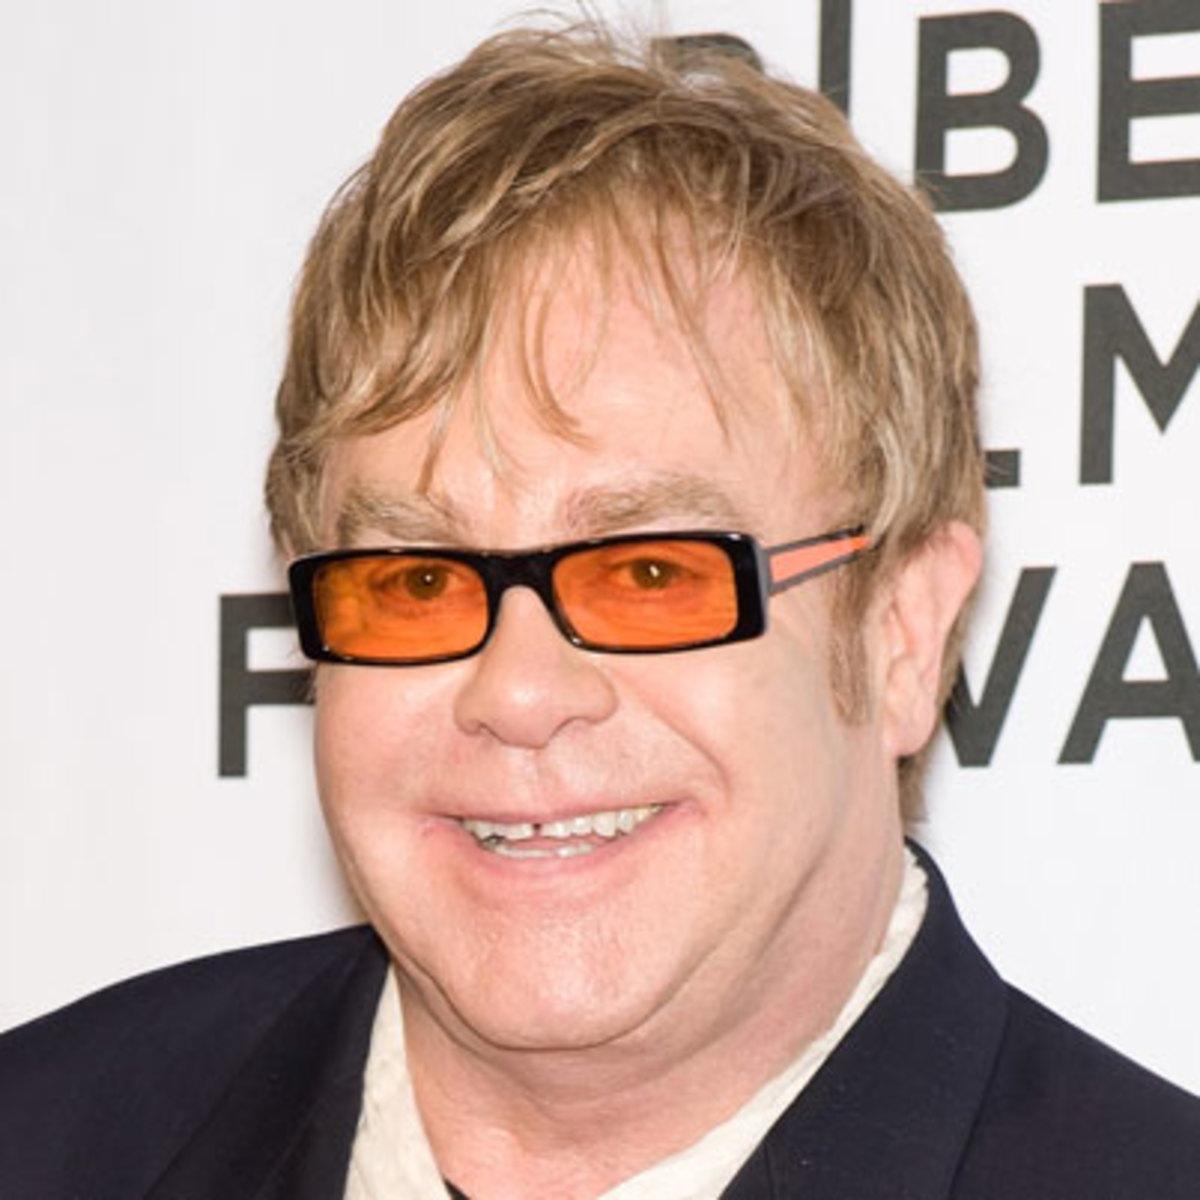 Elton John në përiudhë të vështirë shëndetësore, ndërpret performancën në mes